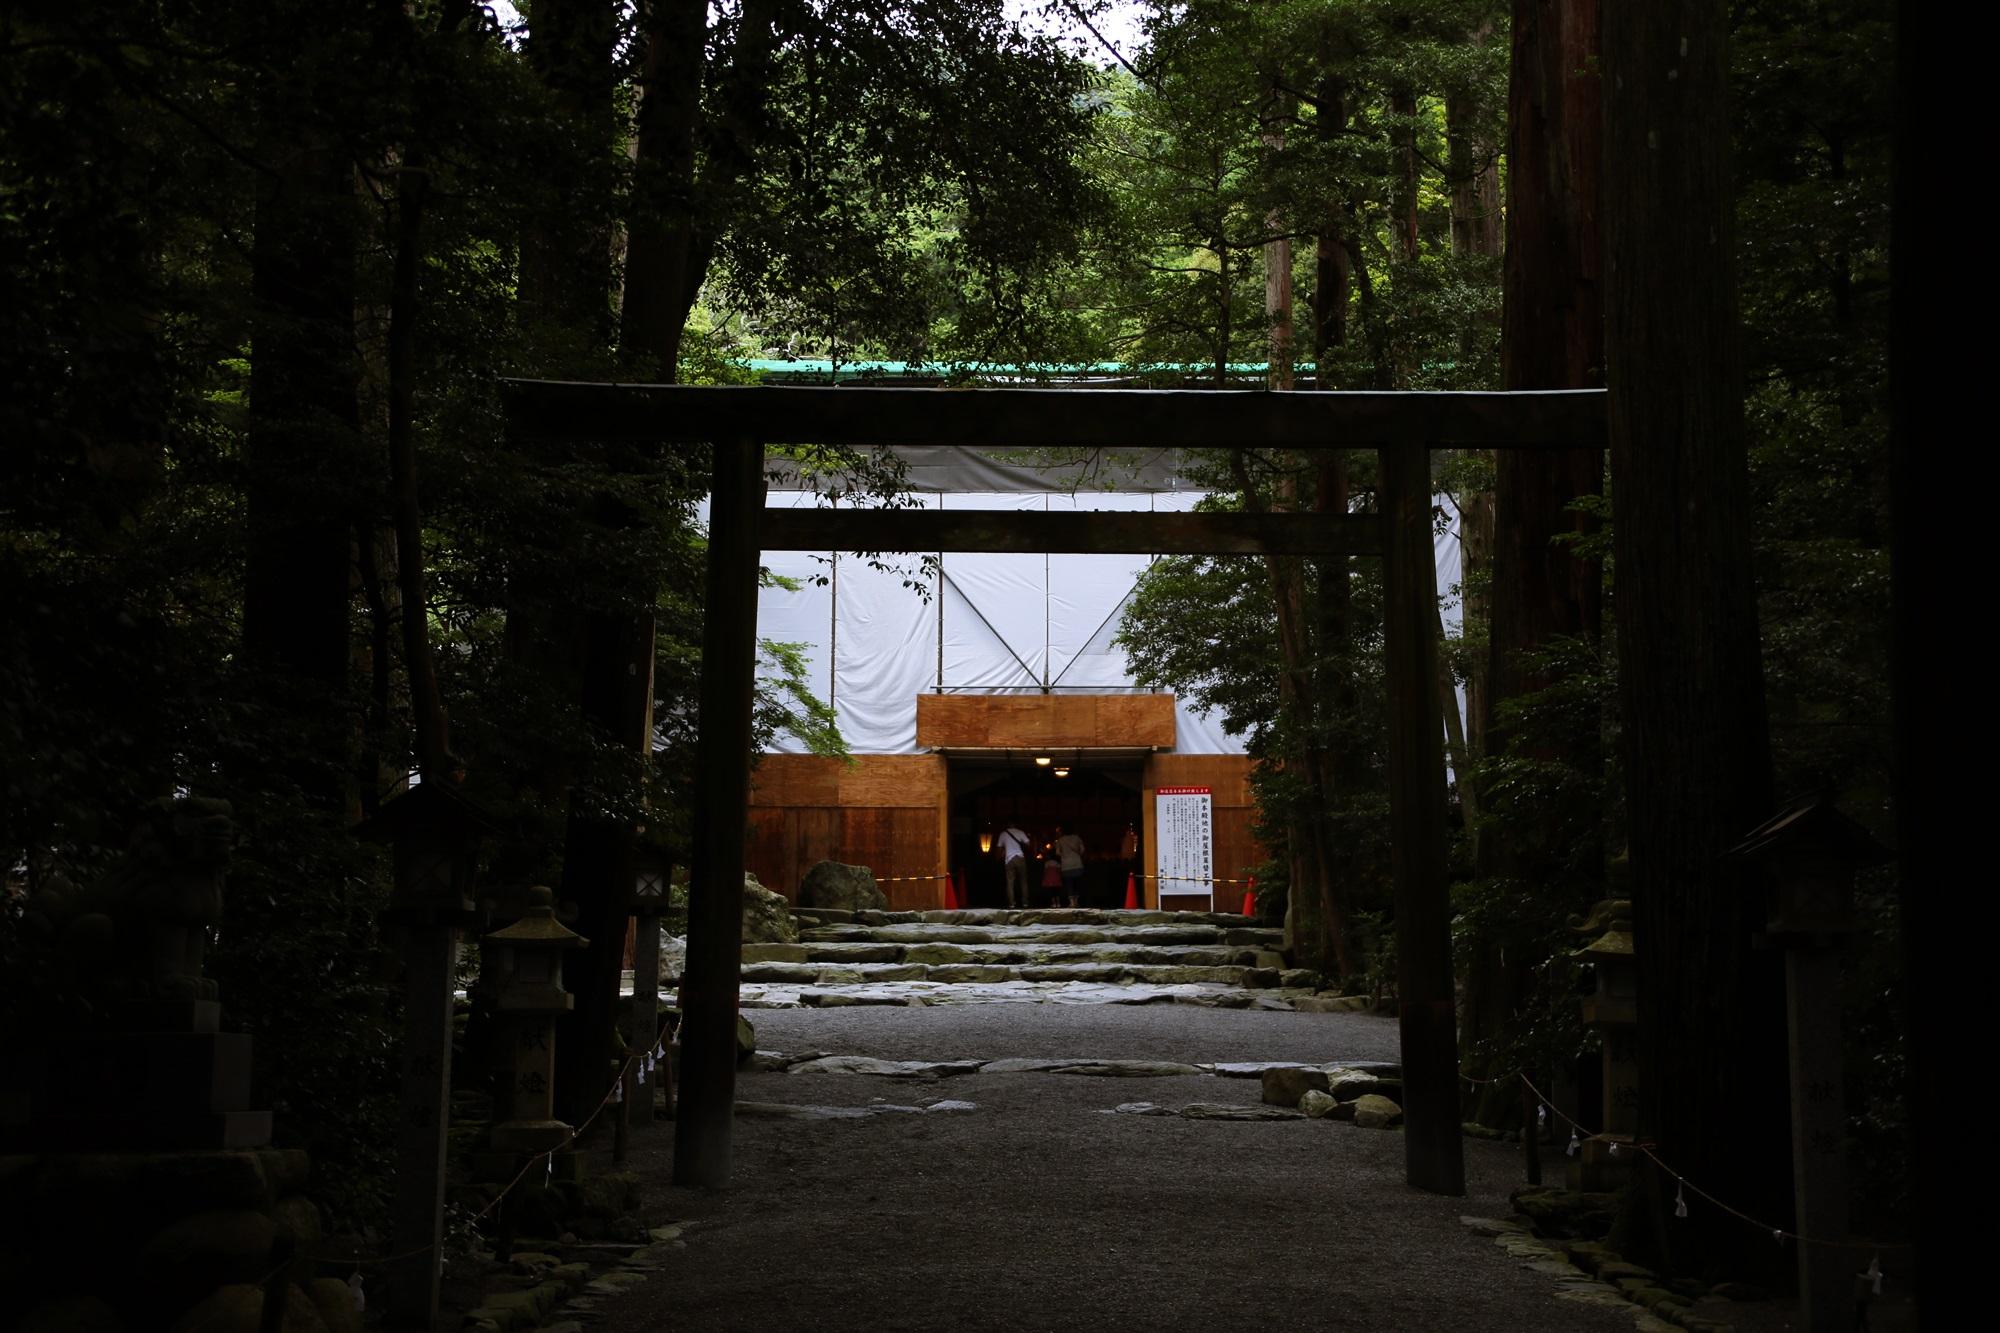 椿大神社 (つばきおおかみやしろ) tsubakiookamiyashiro (7)